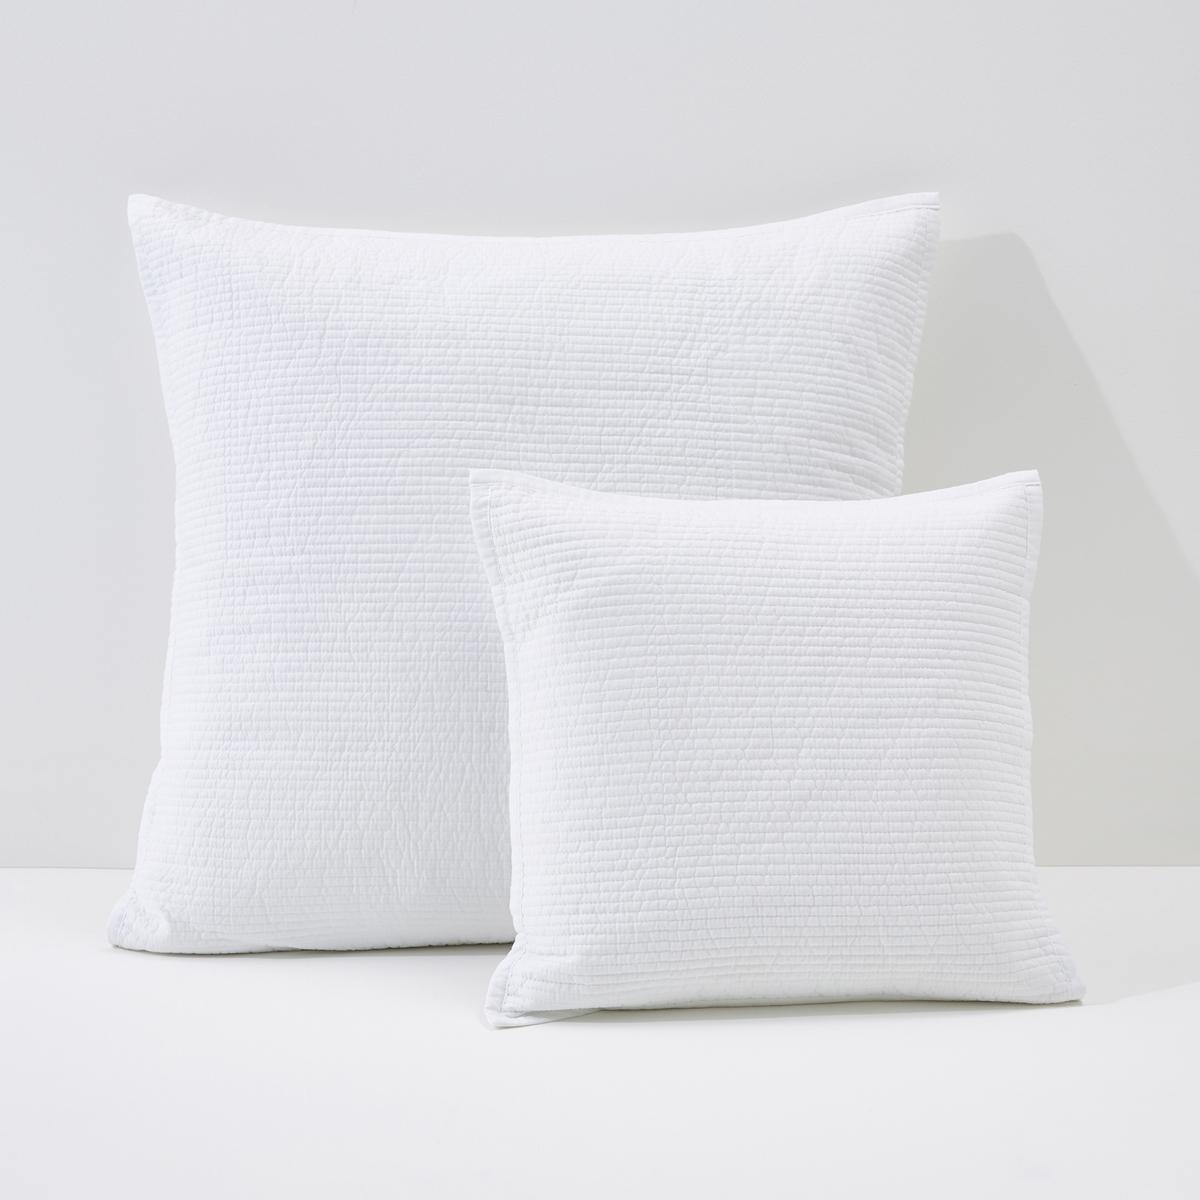 Наволочка на подушку-валик или наволочка BETTA